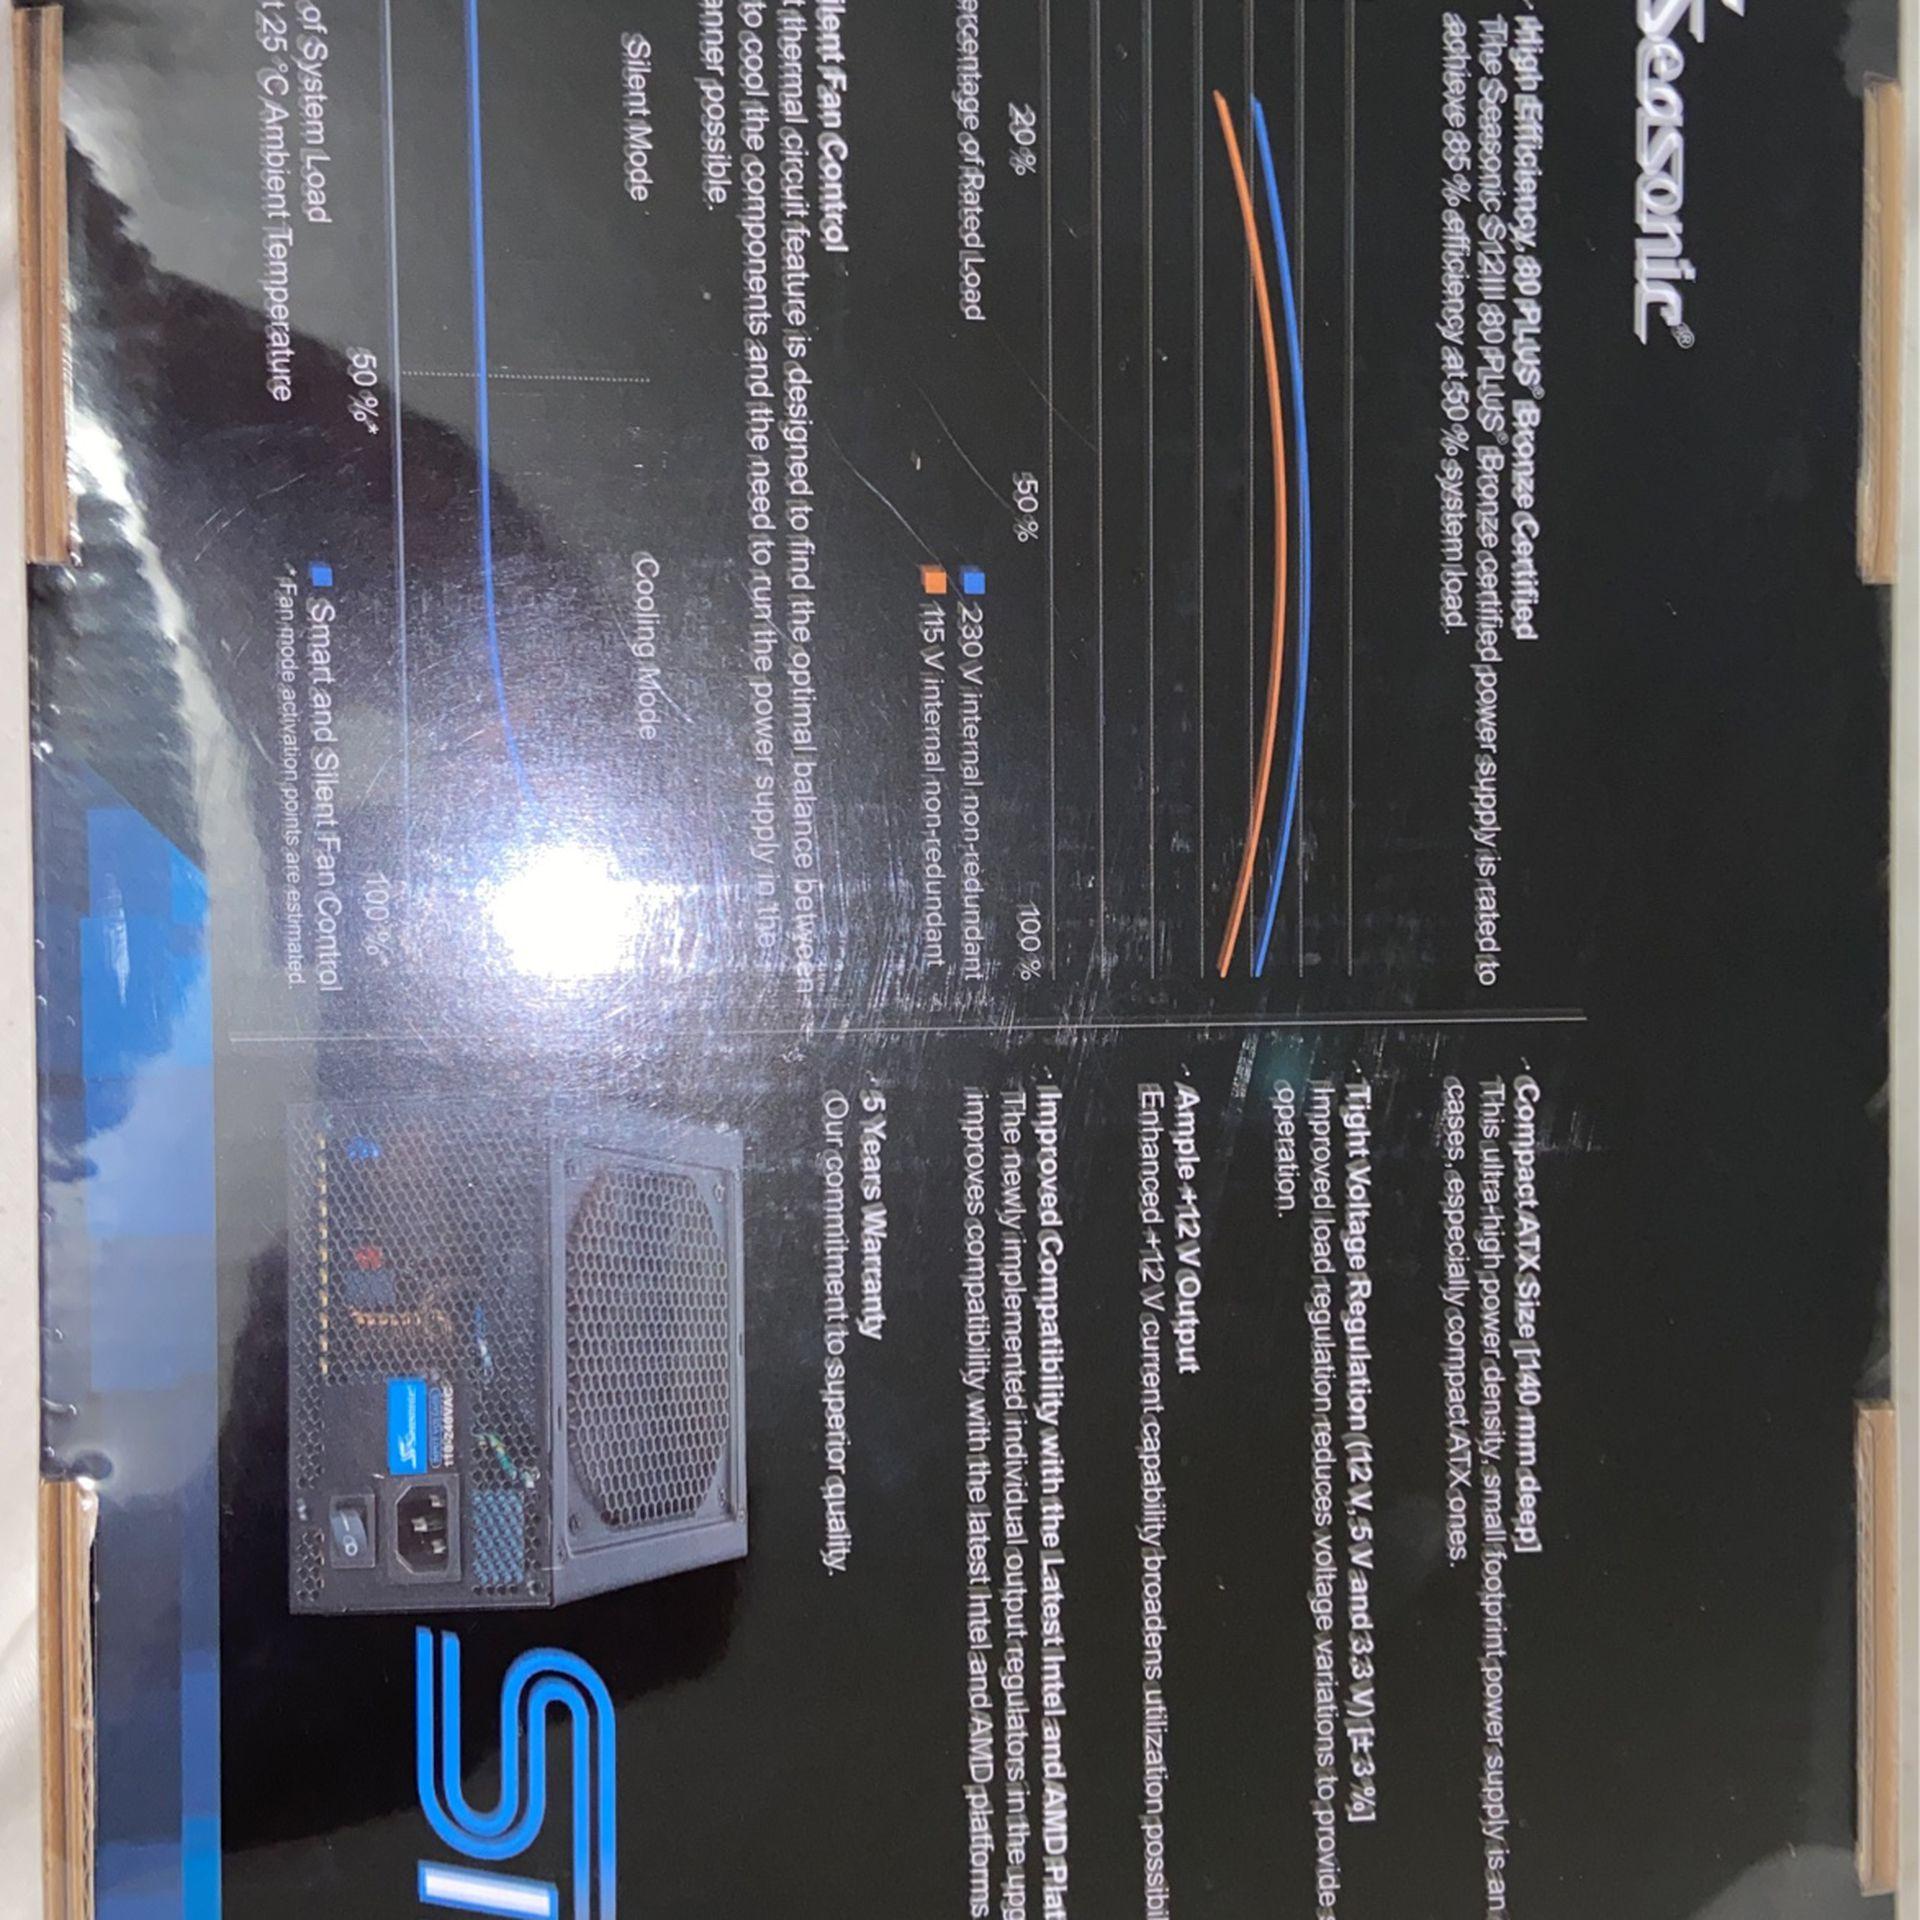 Seasonic - SSR-500GB3, 500W 80+ Bronze PSU, ATX12V/EPS12V, Direct Output, Smart & Silent Fan Control, 5 yr Warranty - Black